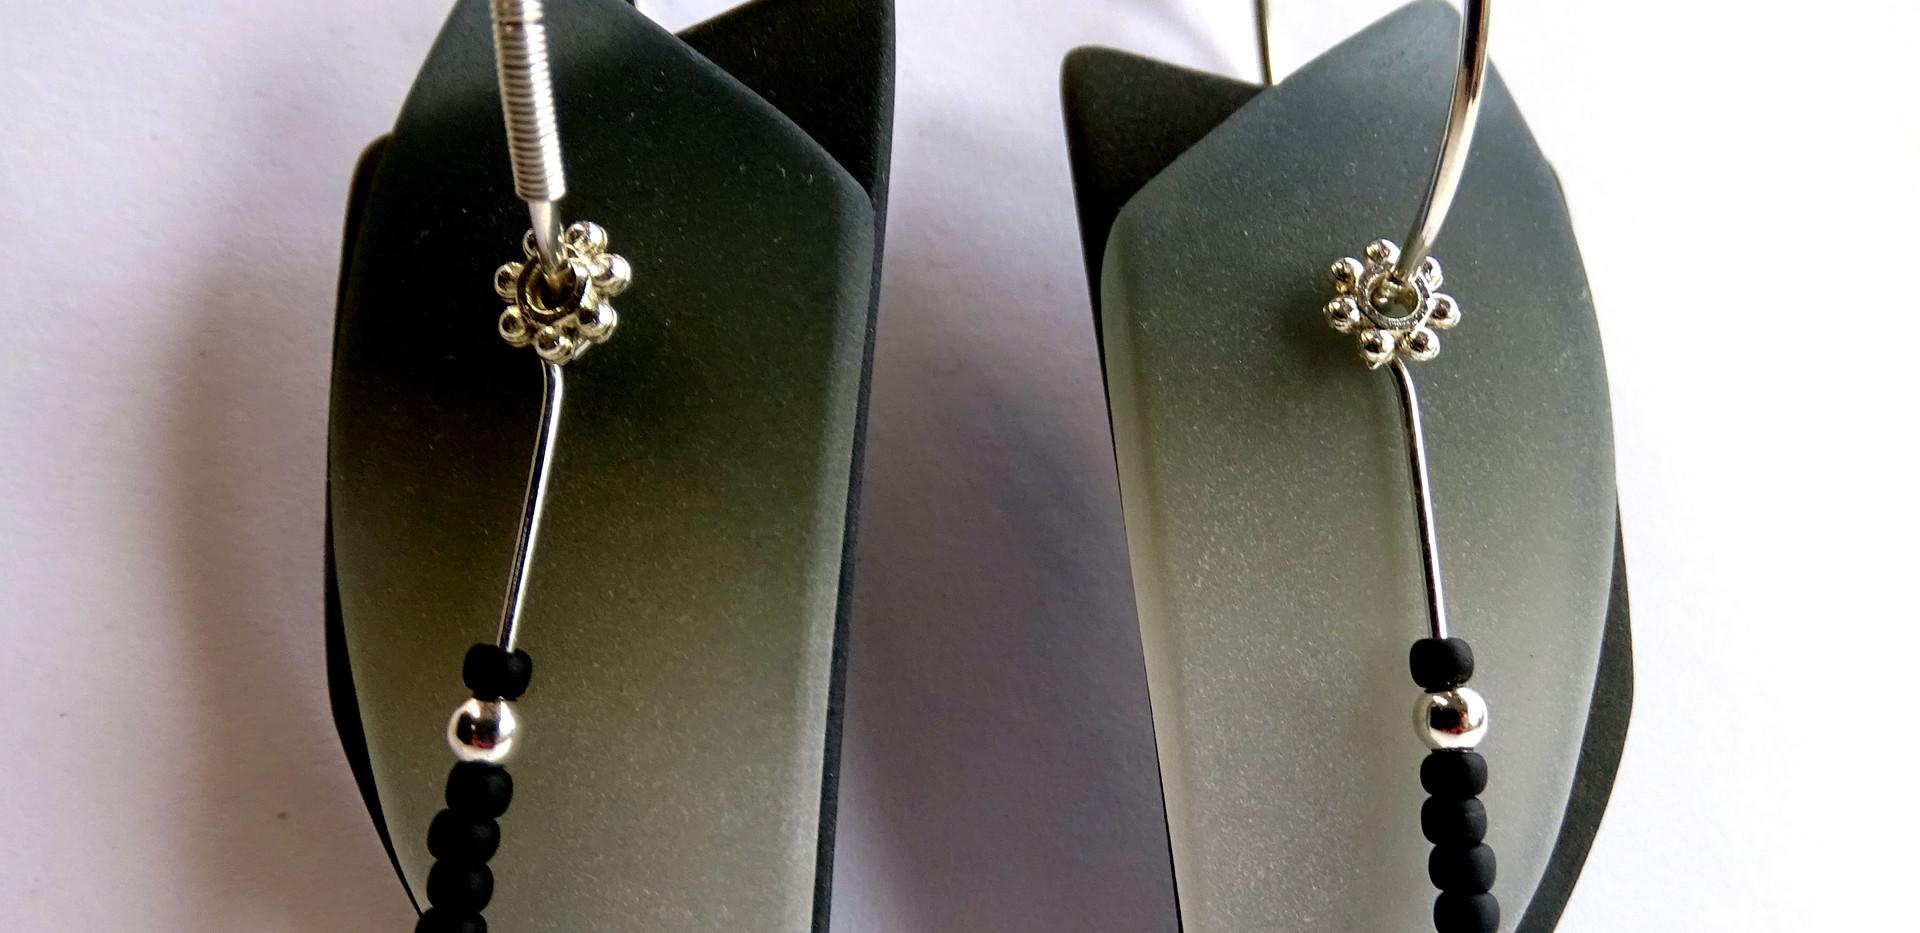 Hoops black and white earrings by Maggie Joyce